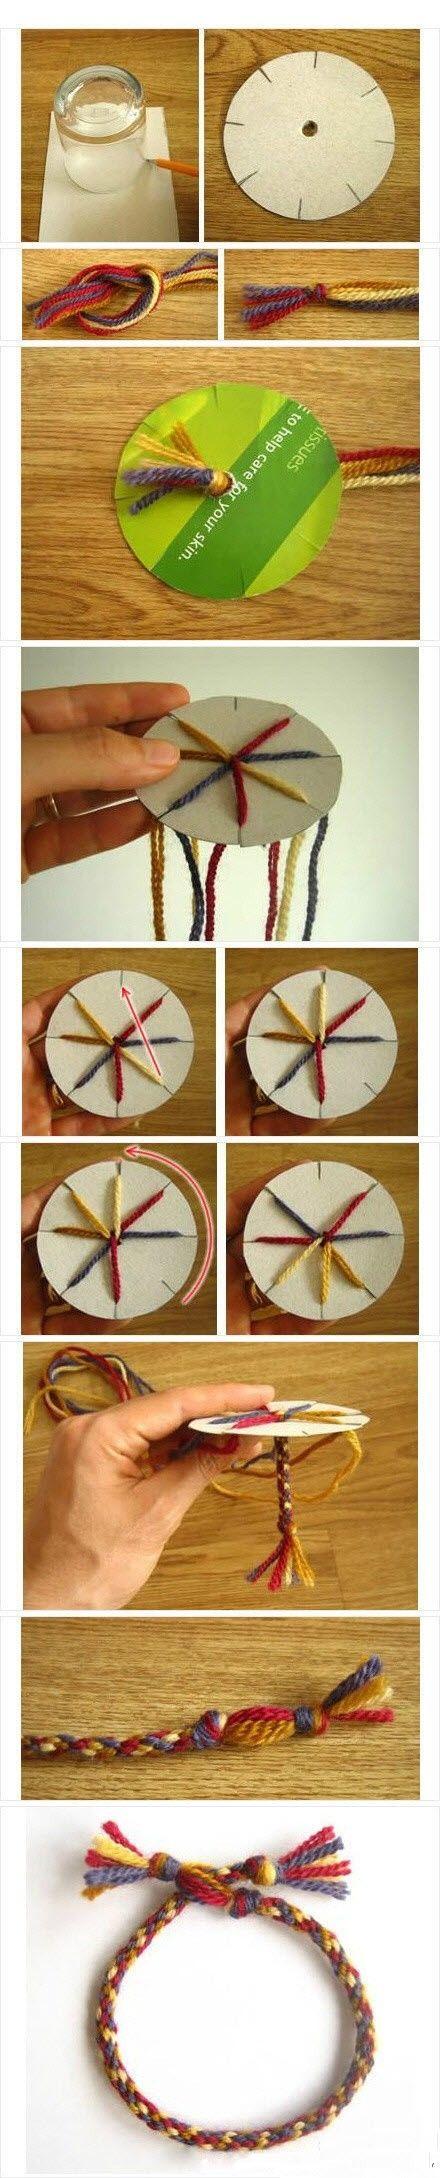 bracelet laine by caroline.cham.5